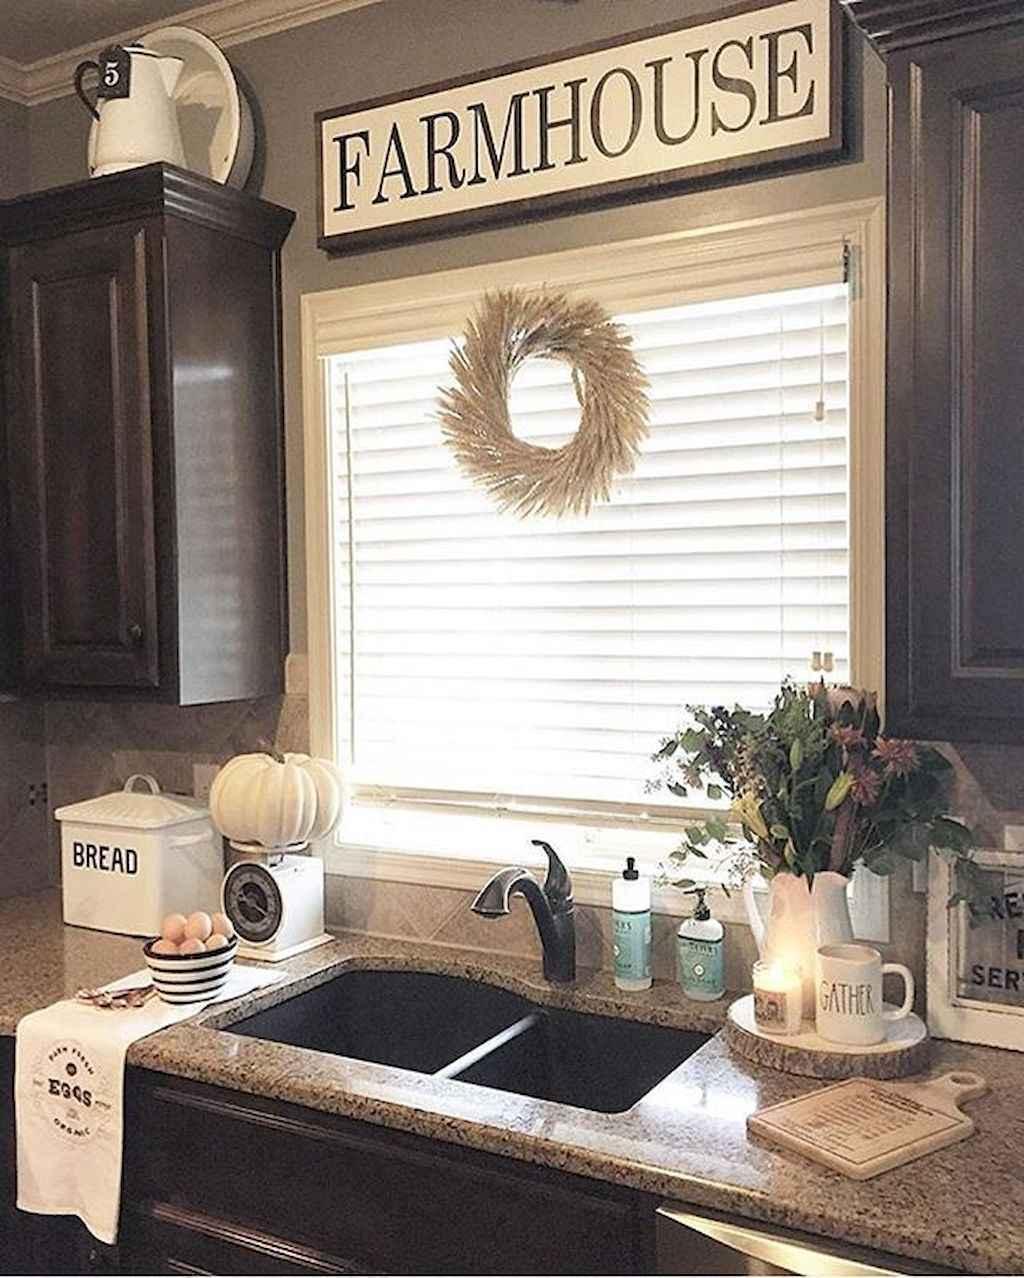 50 farmhouse kitchen decor ideas 76 for 50s kitchen decorating ideas